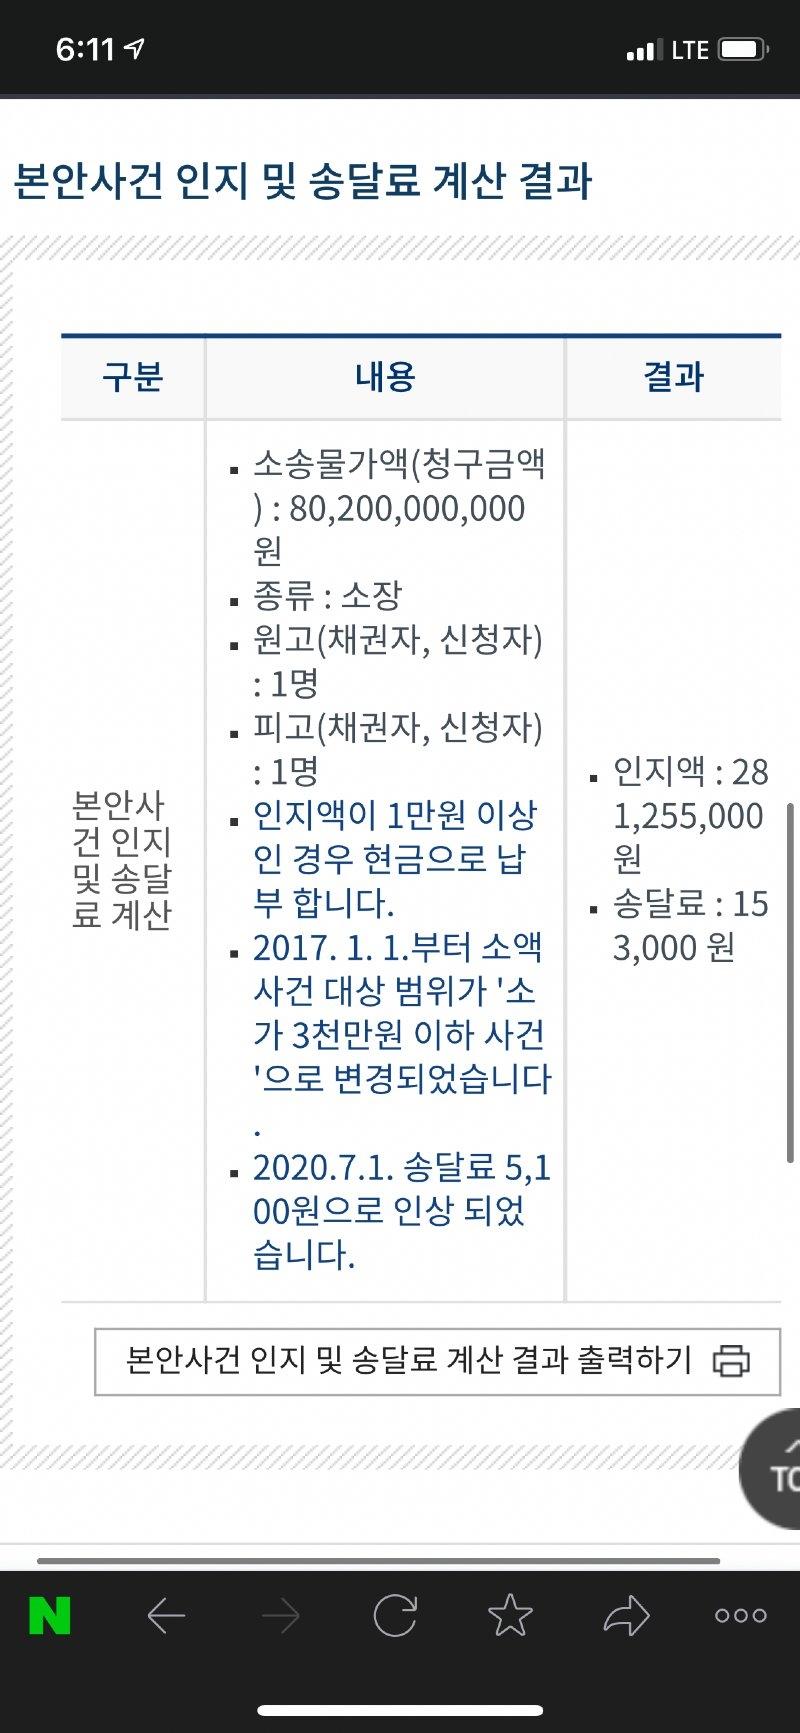 온라인 커뮤니티와 SNS를 중심으로 회자되는 '윤서인 소송 금액 802억' 게시물